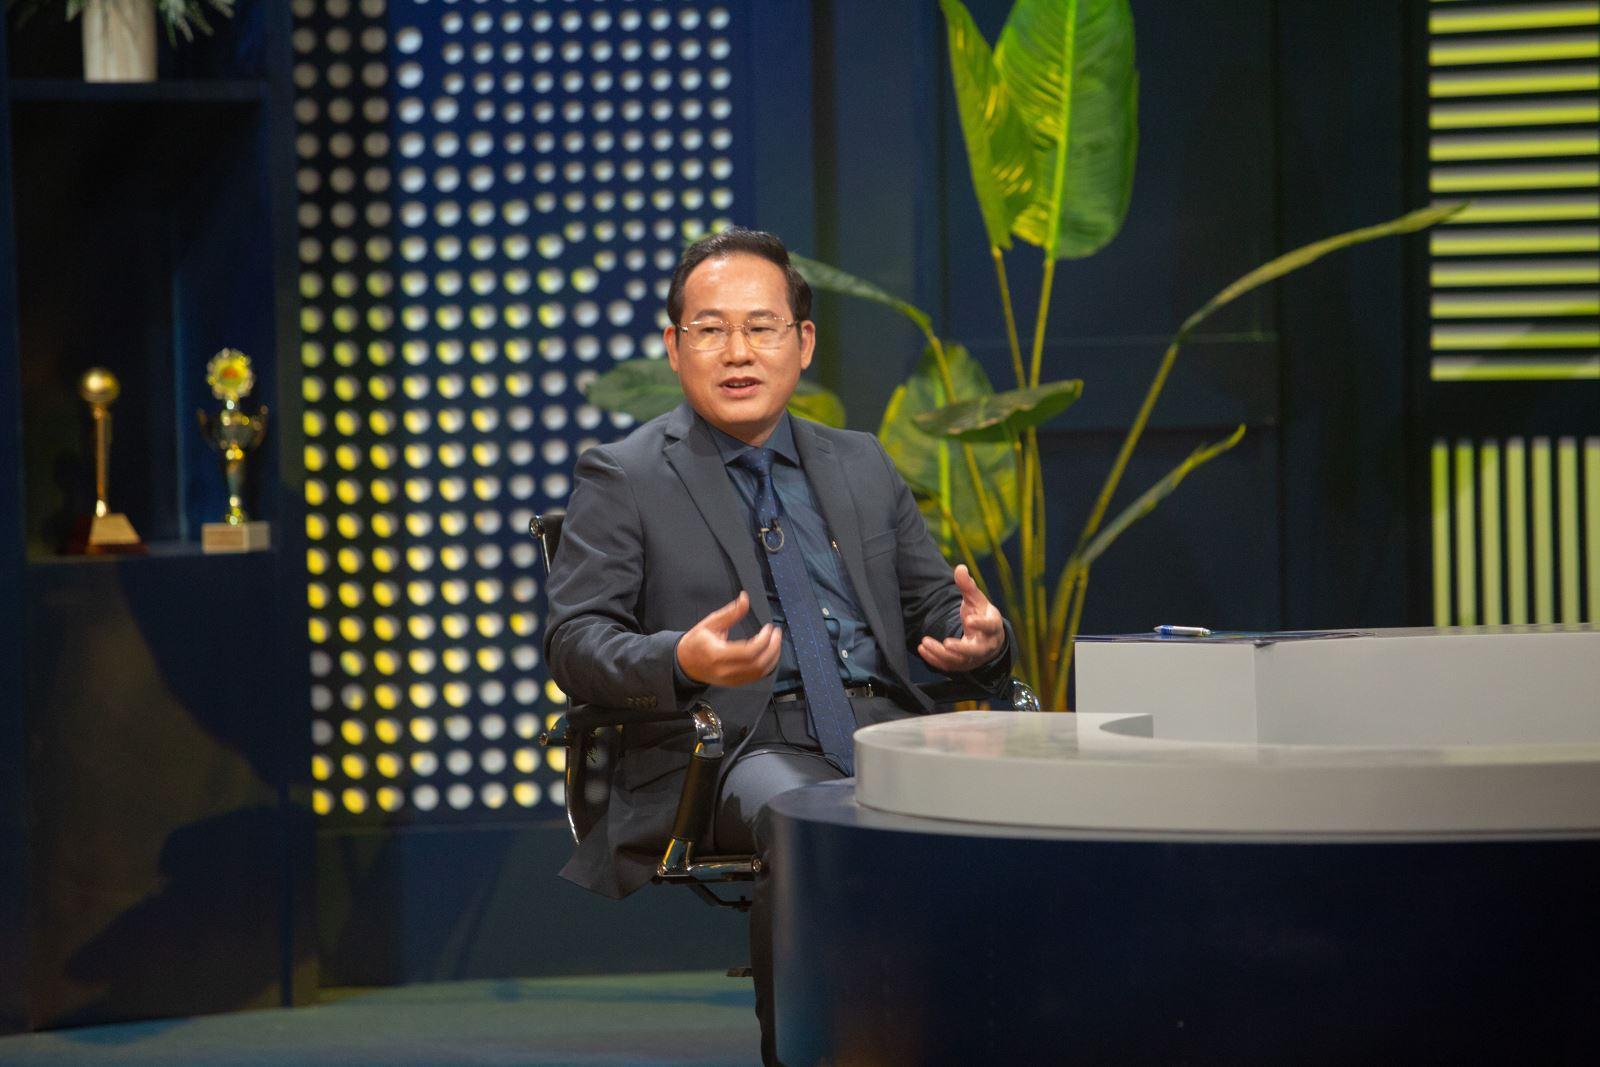 Lê Phụng Hào Cùng Usis Group xây dựng cho những giấc mơ Mỹ của người Việt